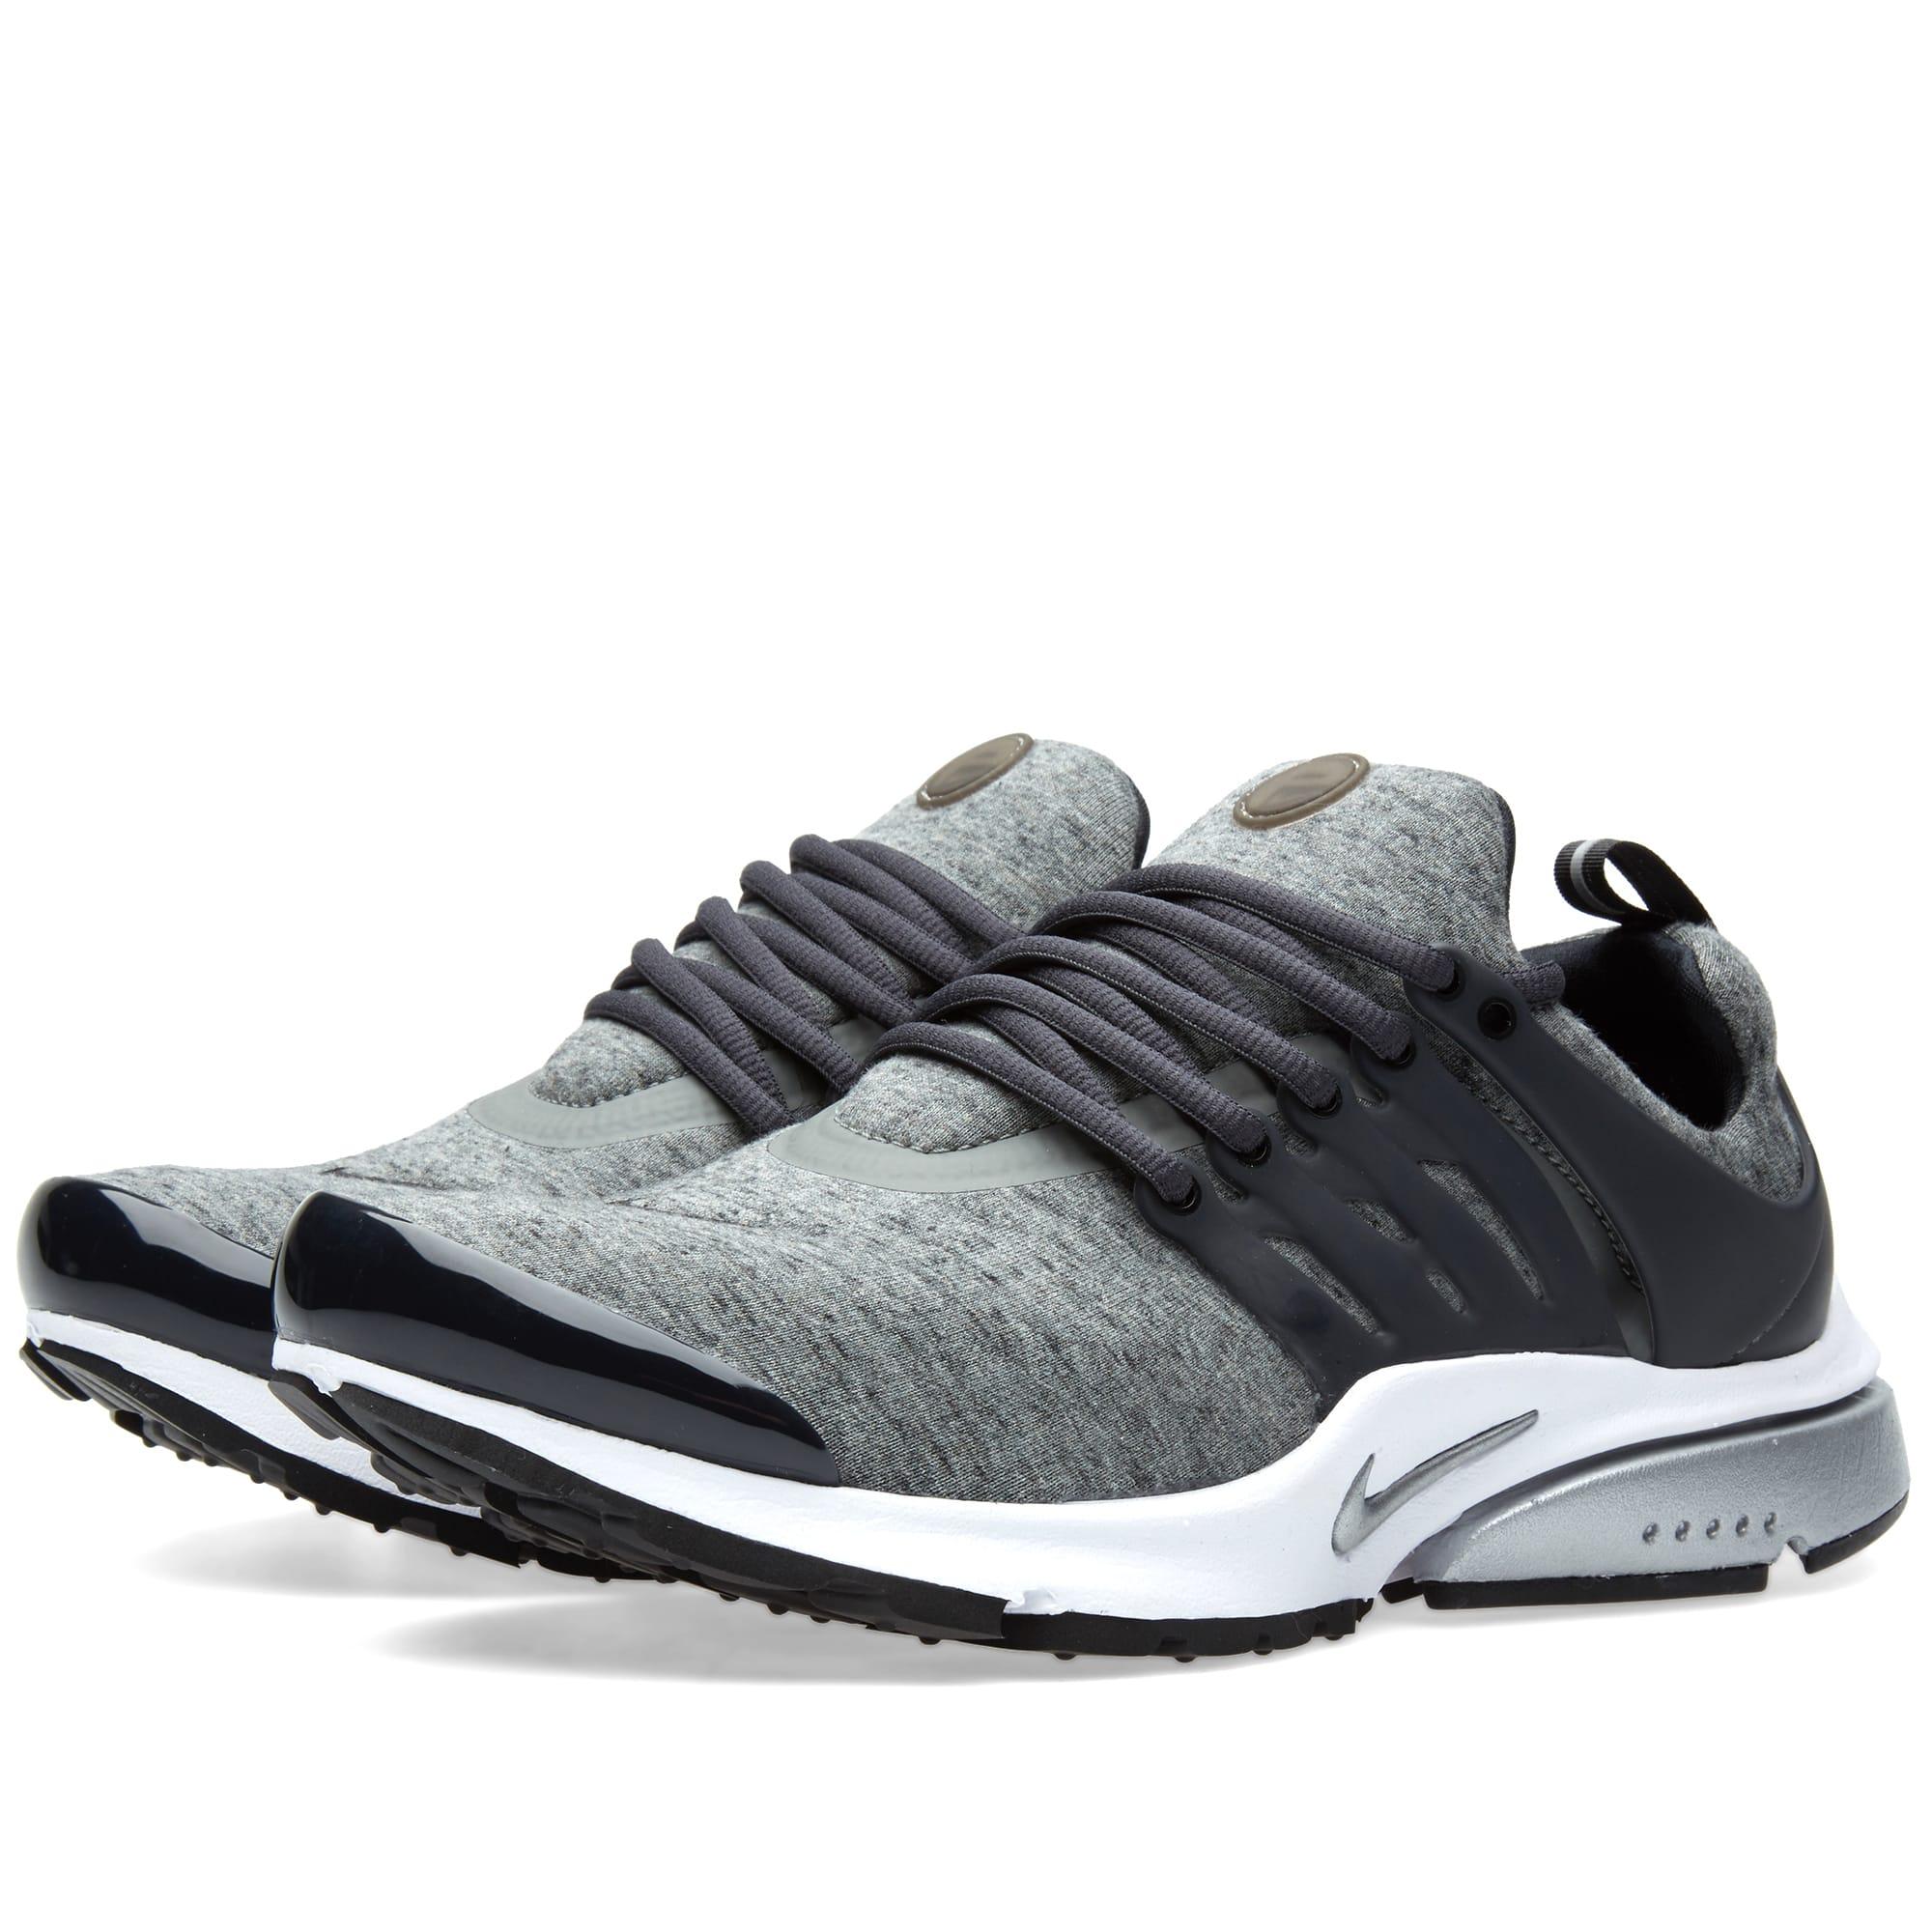 online store 99334 4d9a6 Nike Air Presto TP QS Tumbled Grey   END.